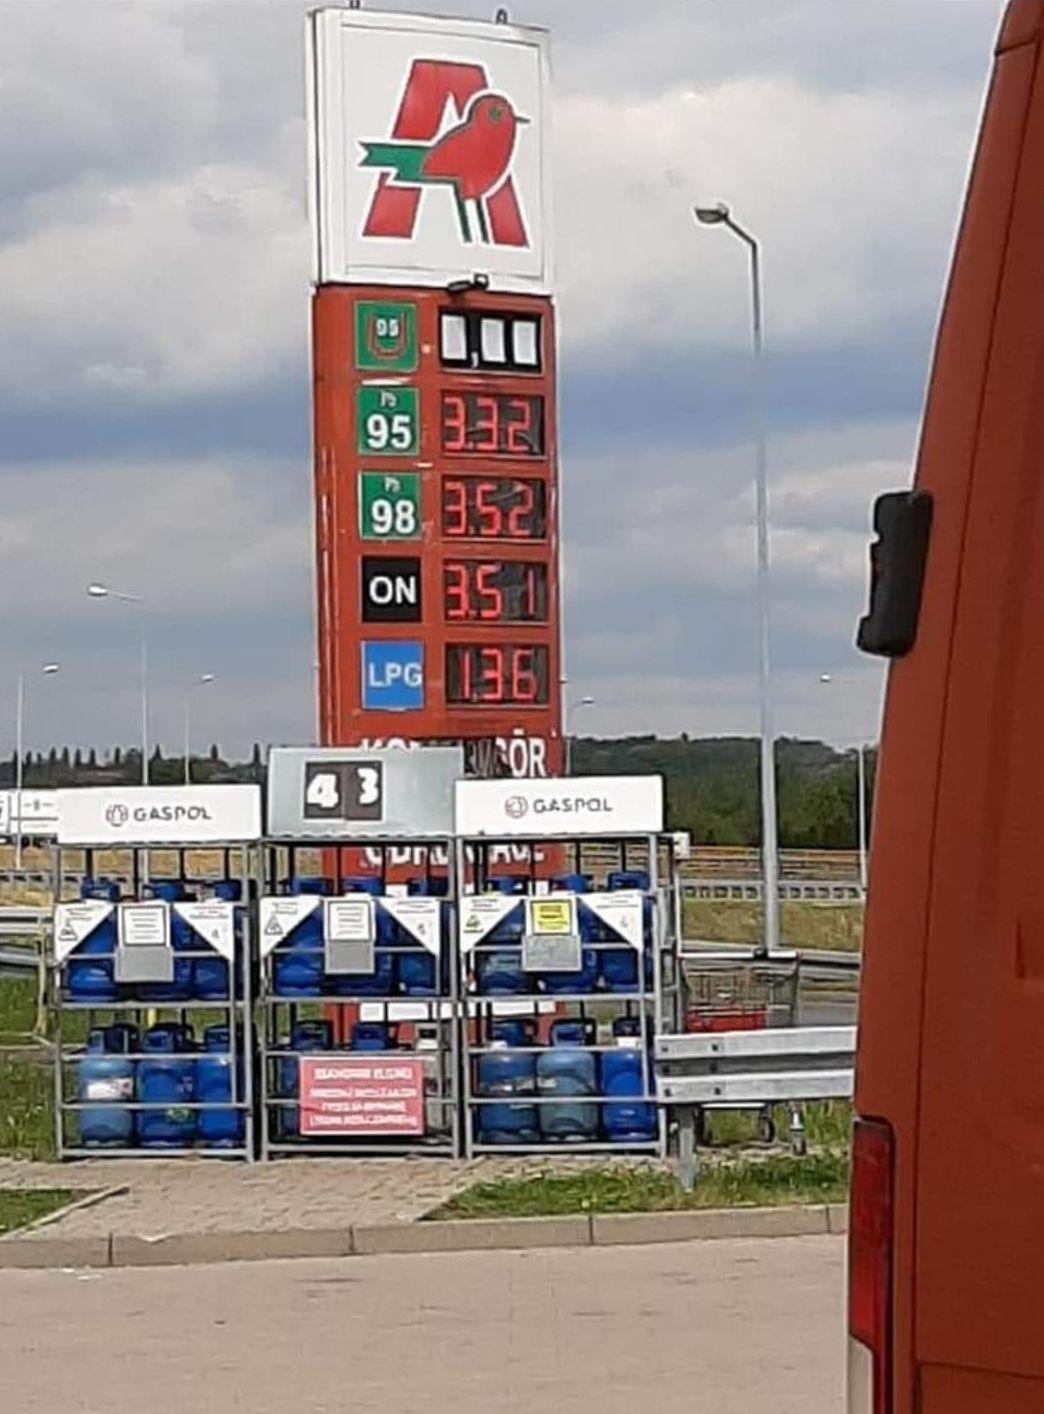 Szokująco niskie ceny paliwa w Bielsku-Białej